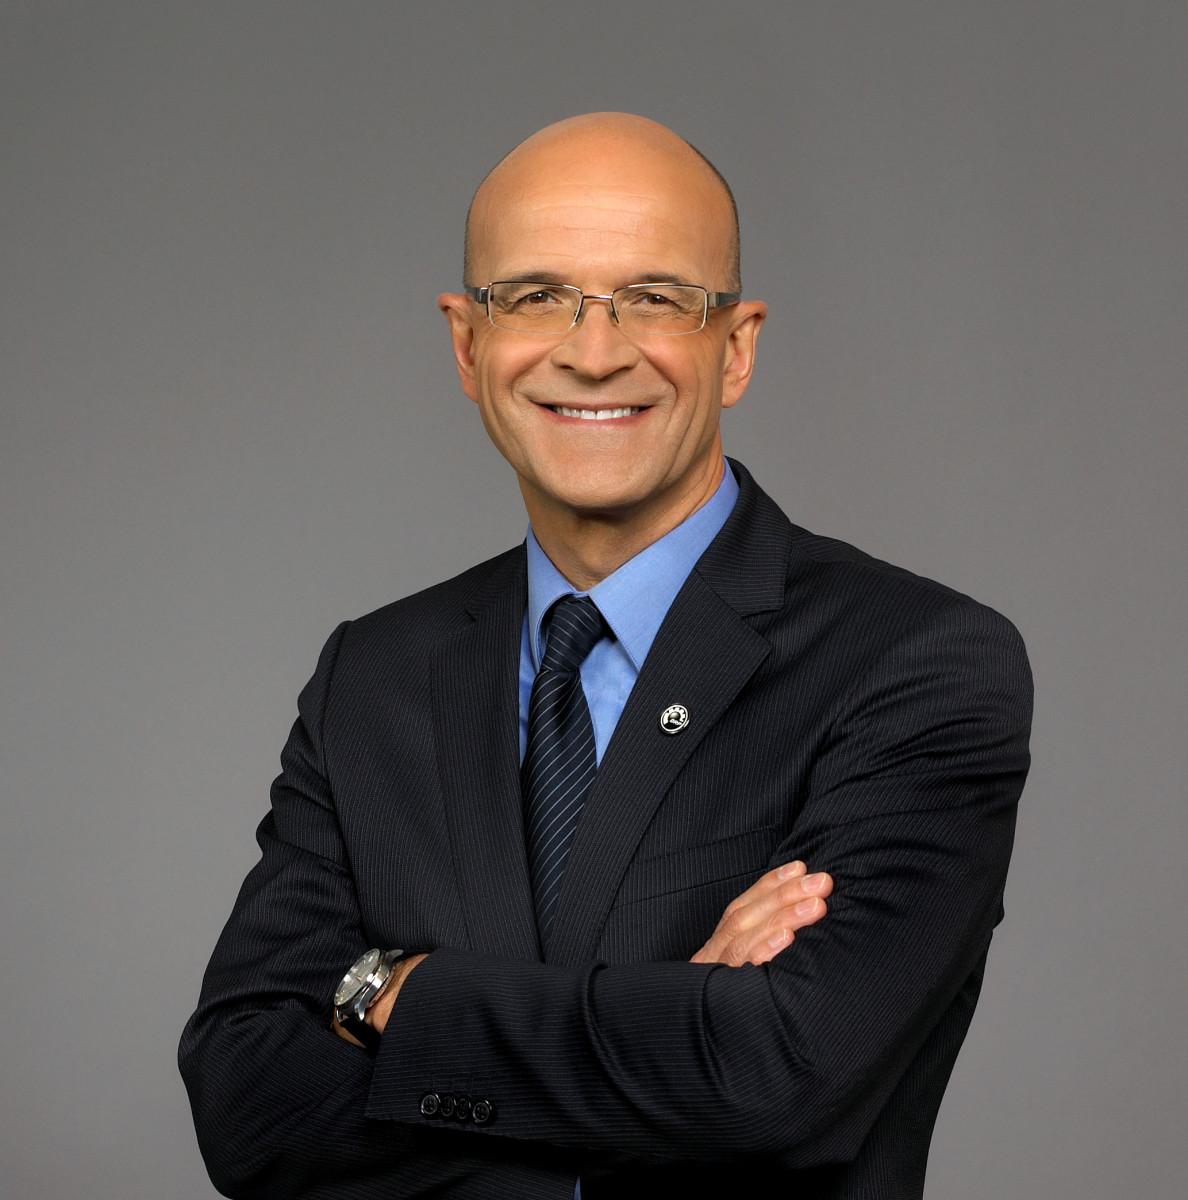 José Boisjoli